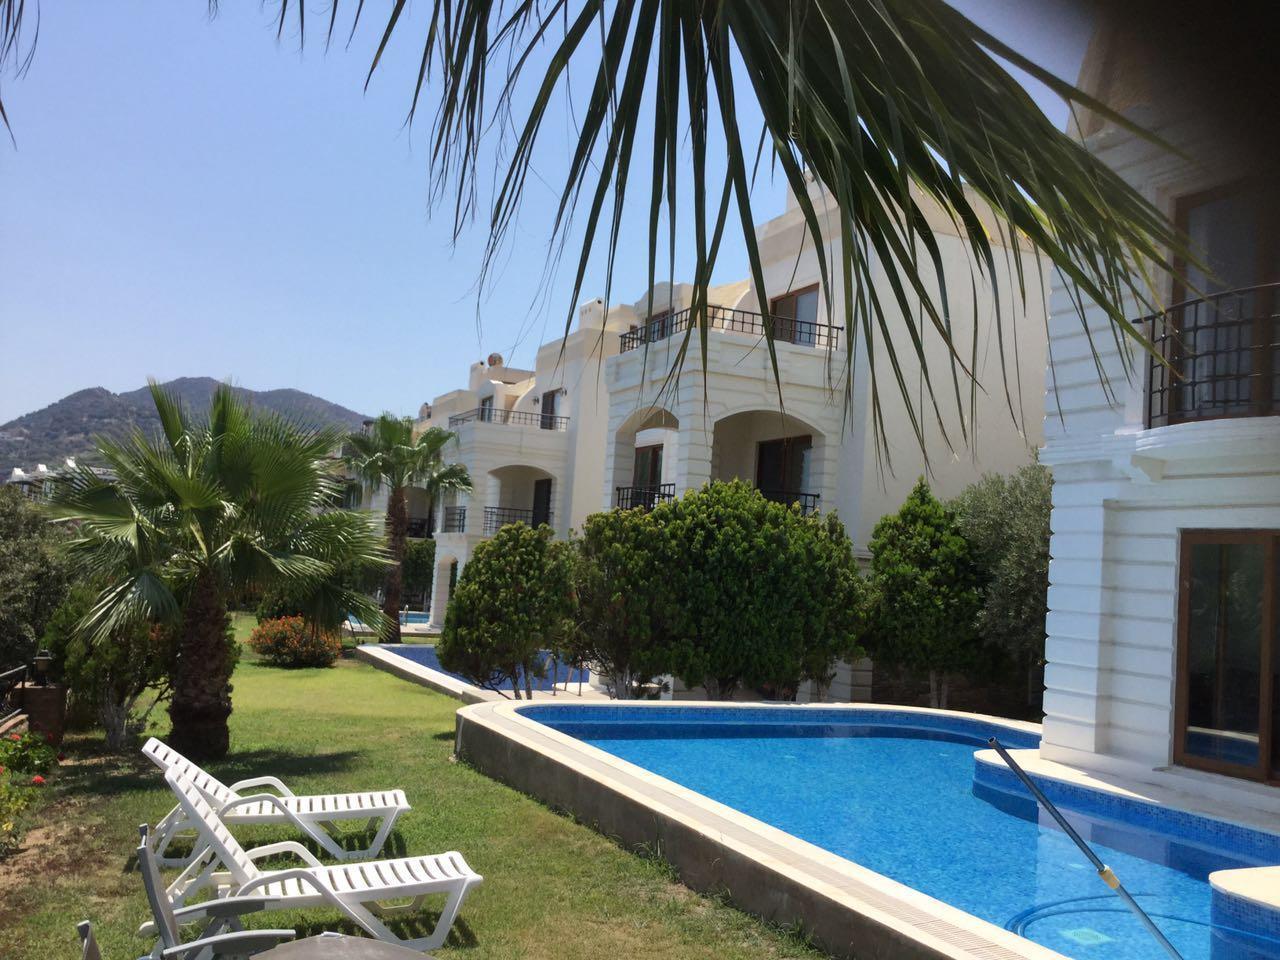 Maison de vacances Ferienvilla mit privatem Pool in Bodrum (2607628), Yalıkavak, , Région Egéenne, Turquie, image 2